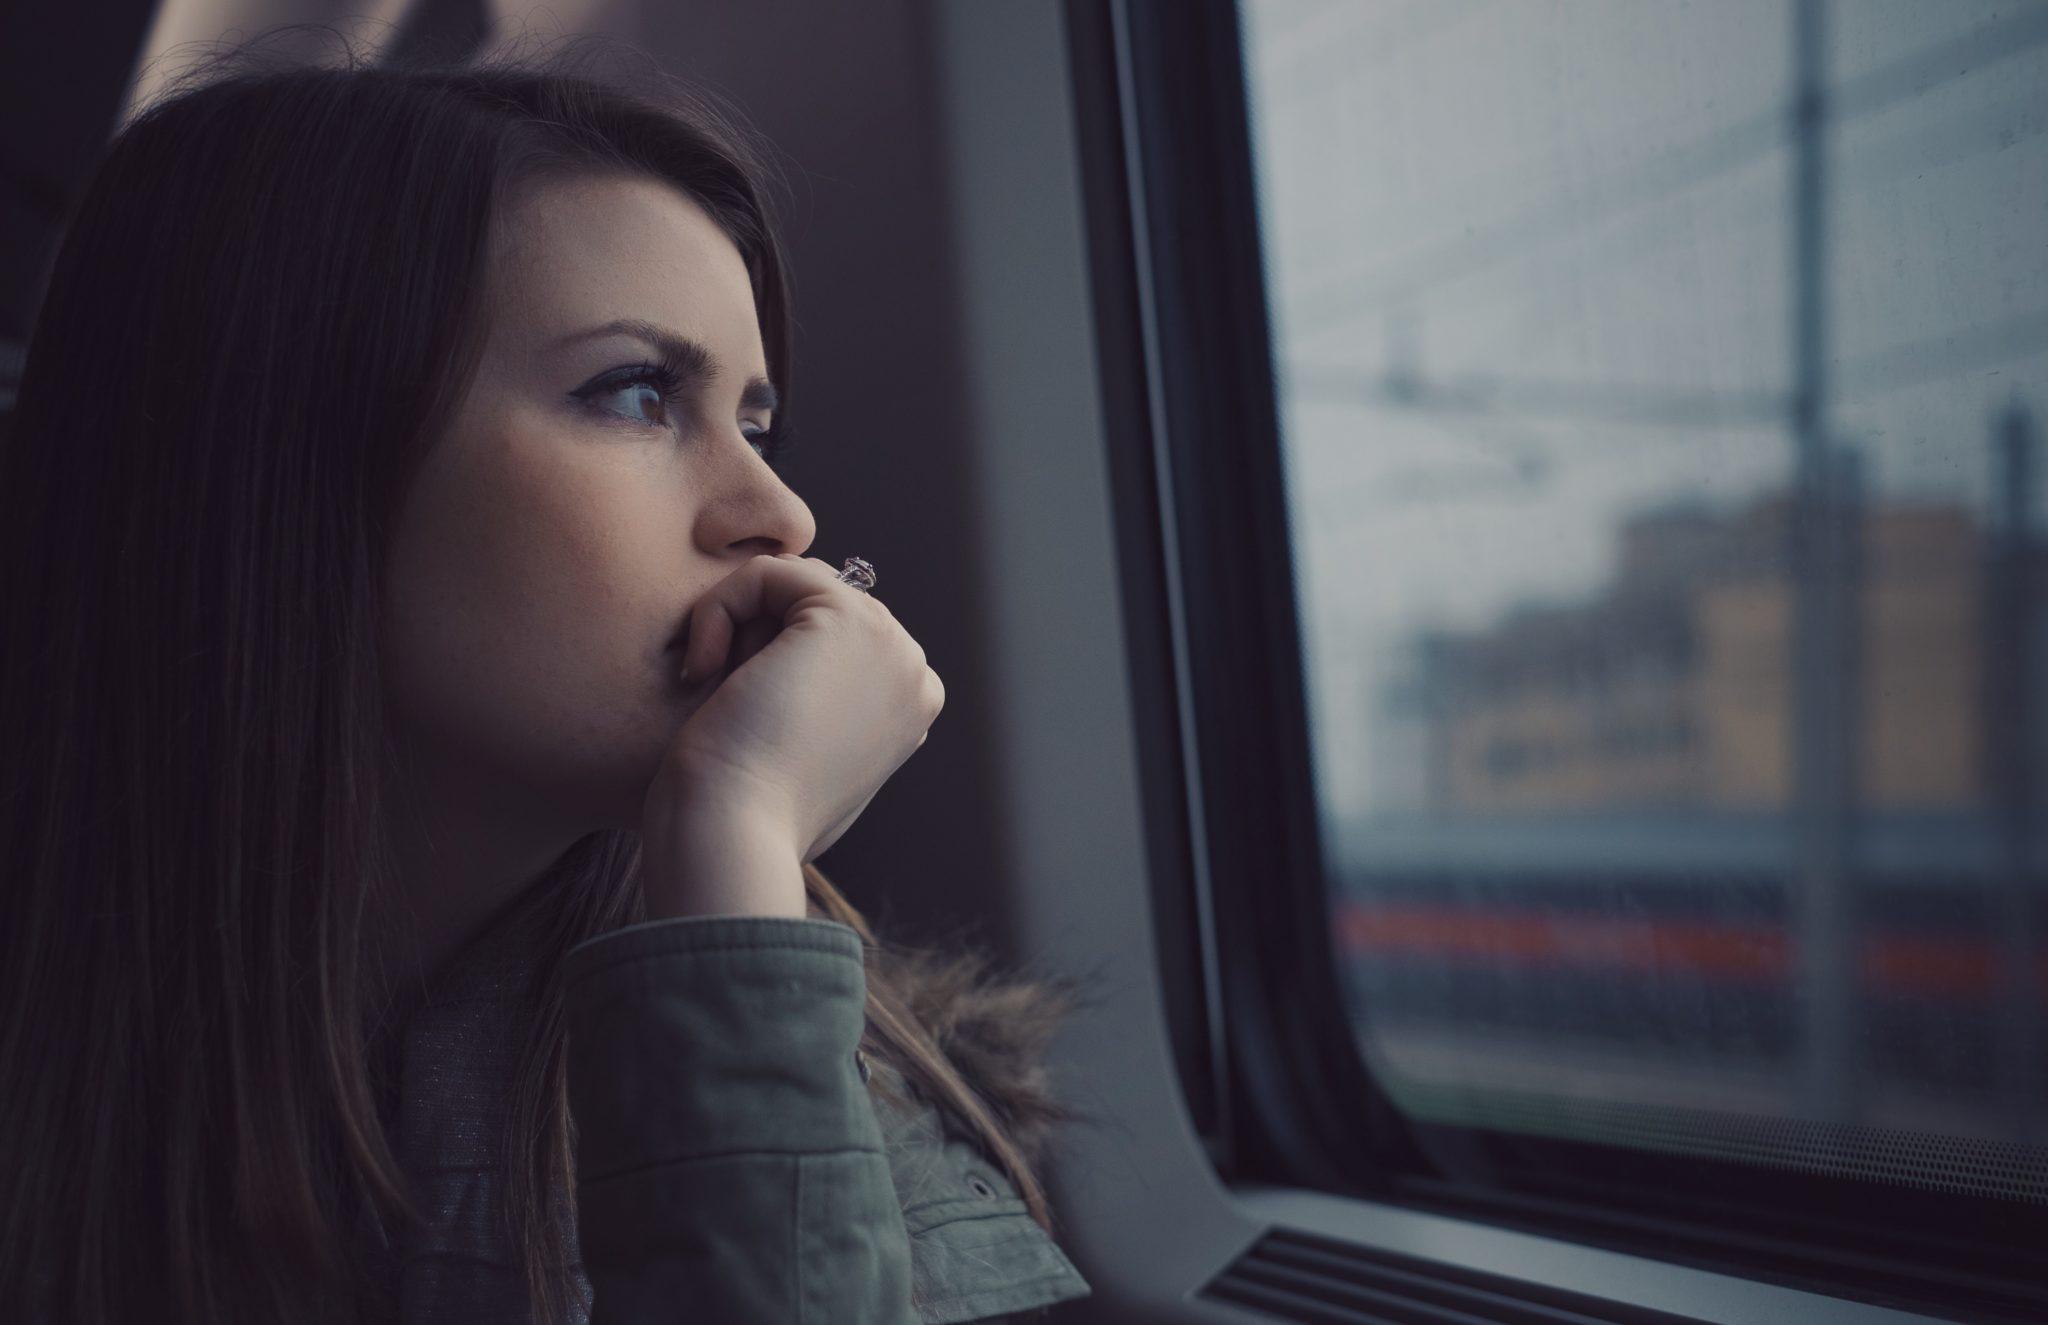 Днем, картинки девушка думает о любимом